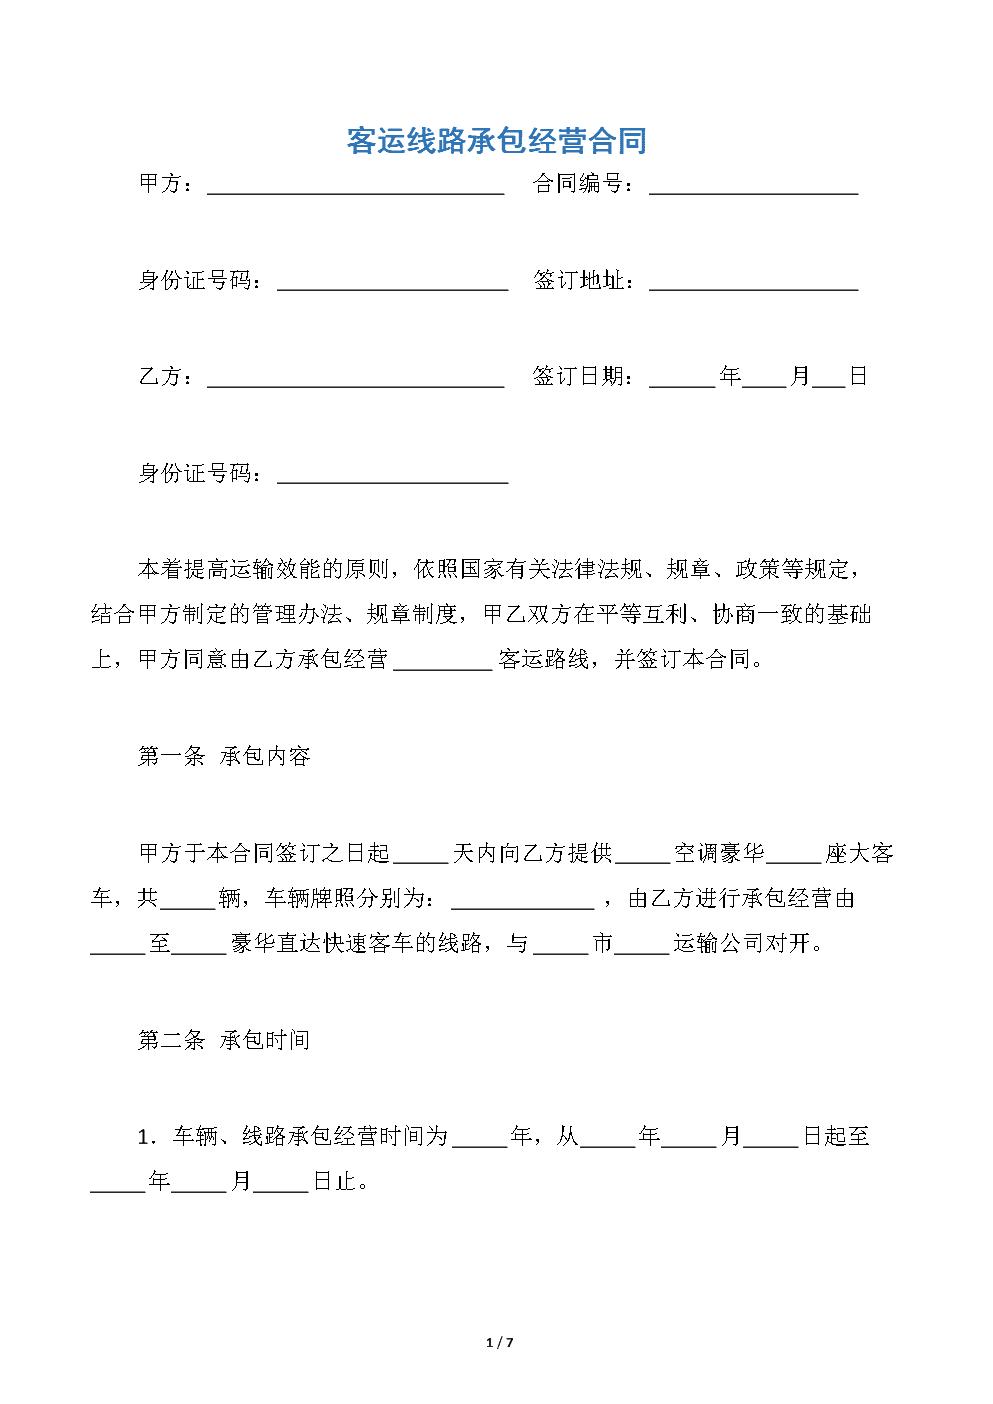 客运线路承包经营合同.docx